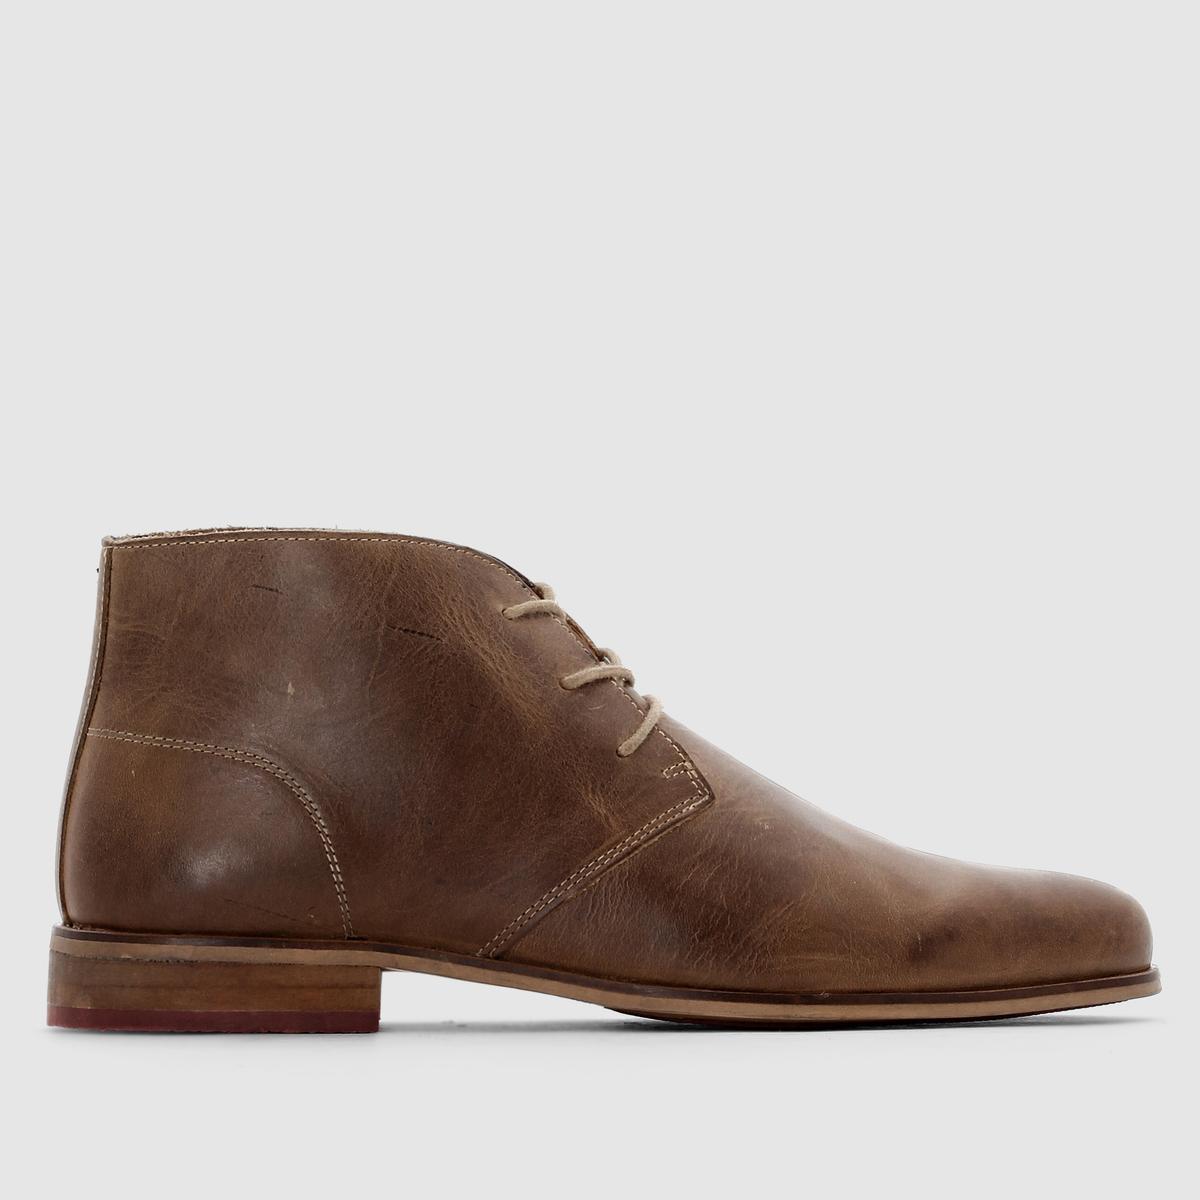 Ботинки-дерби кожаные ботинки дерби кожаные glick darby